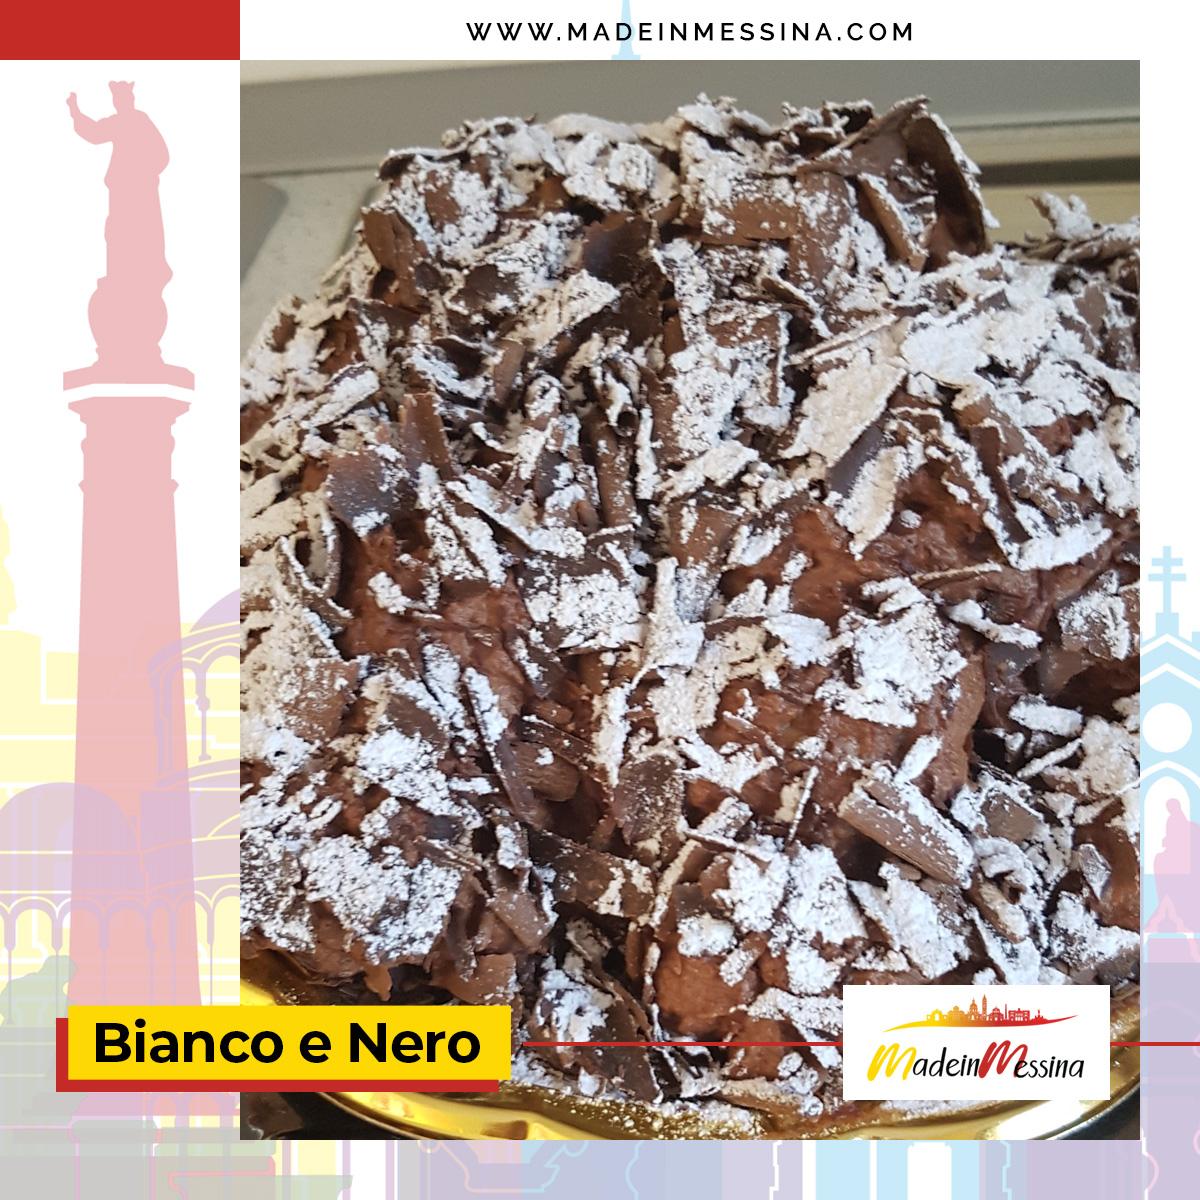 Dimenticate i profiteroles, a Messina si mangia il Bianco e Nero!